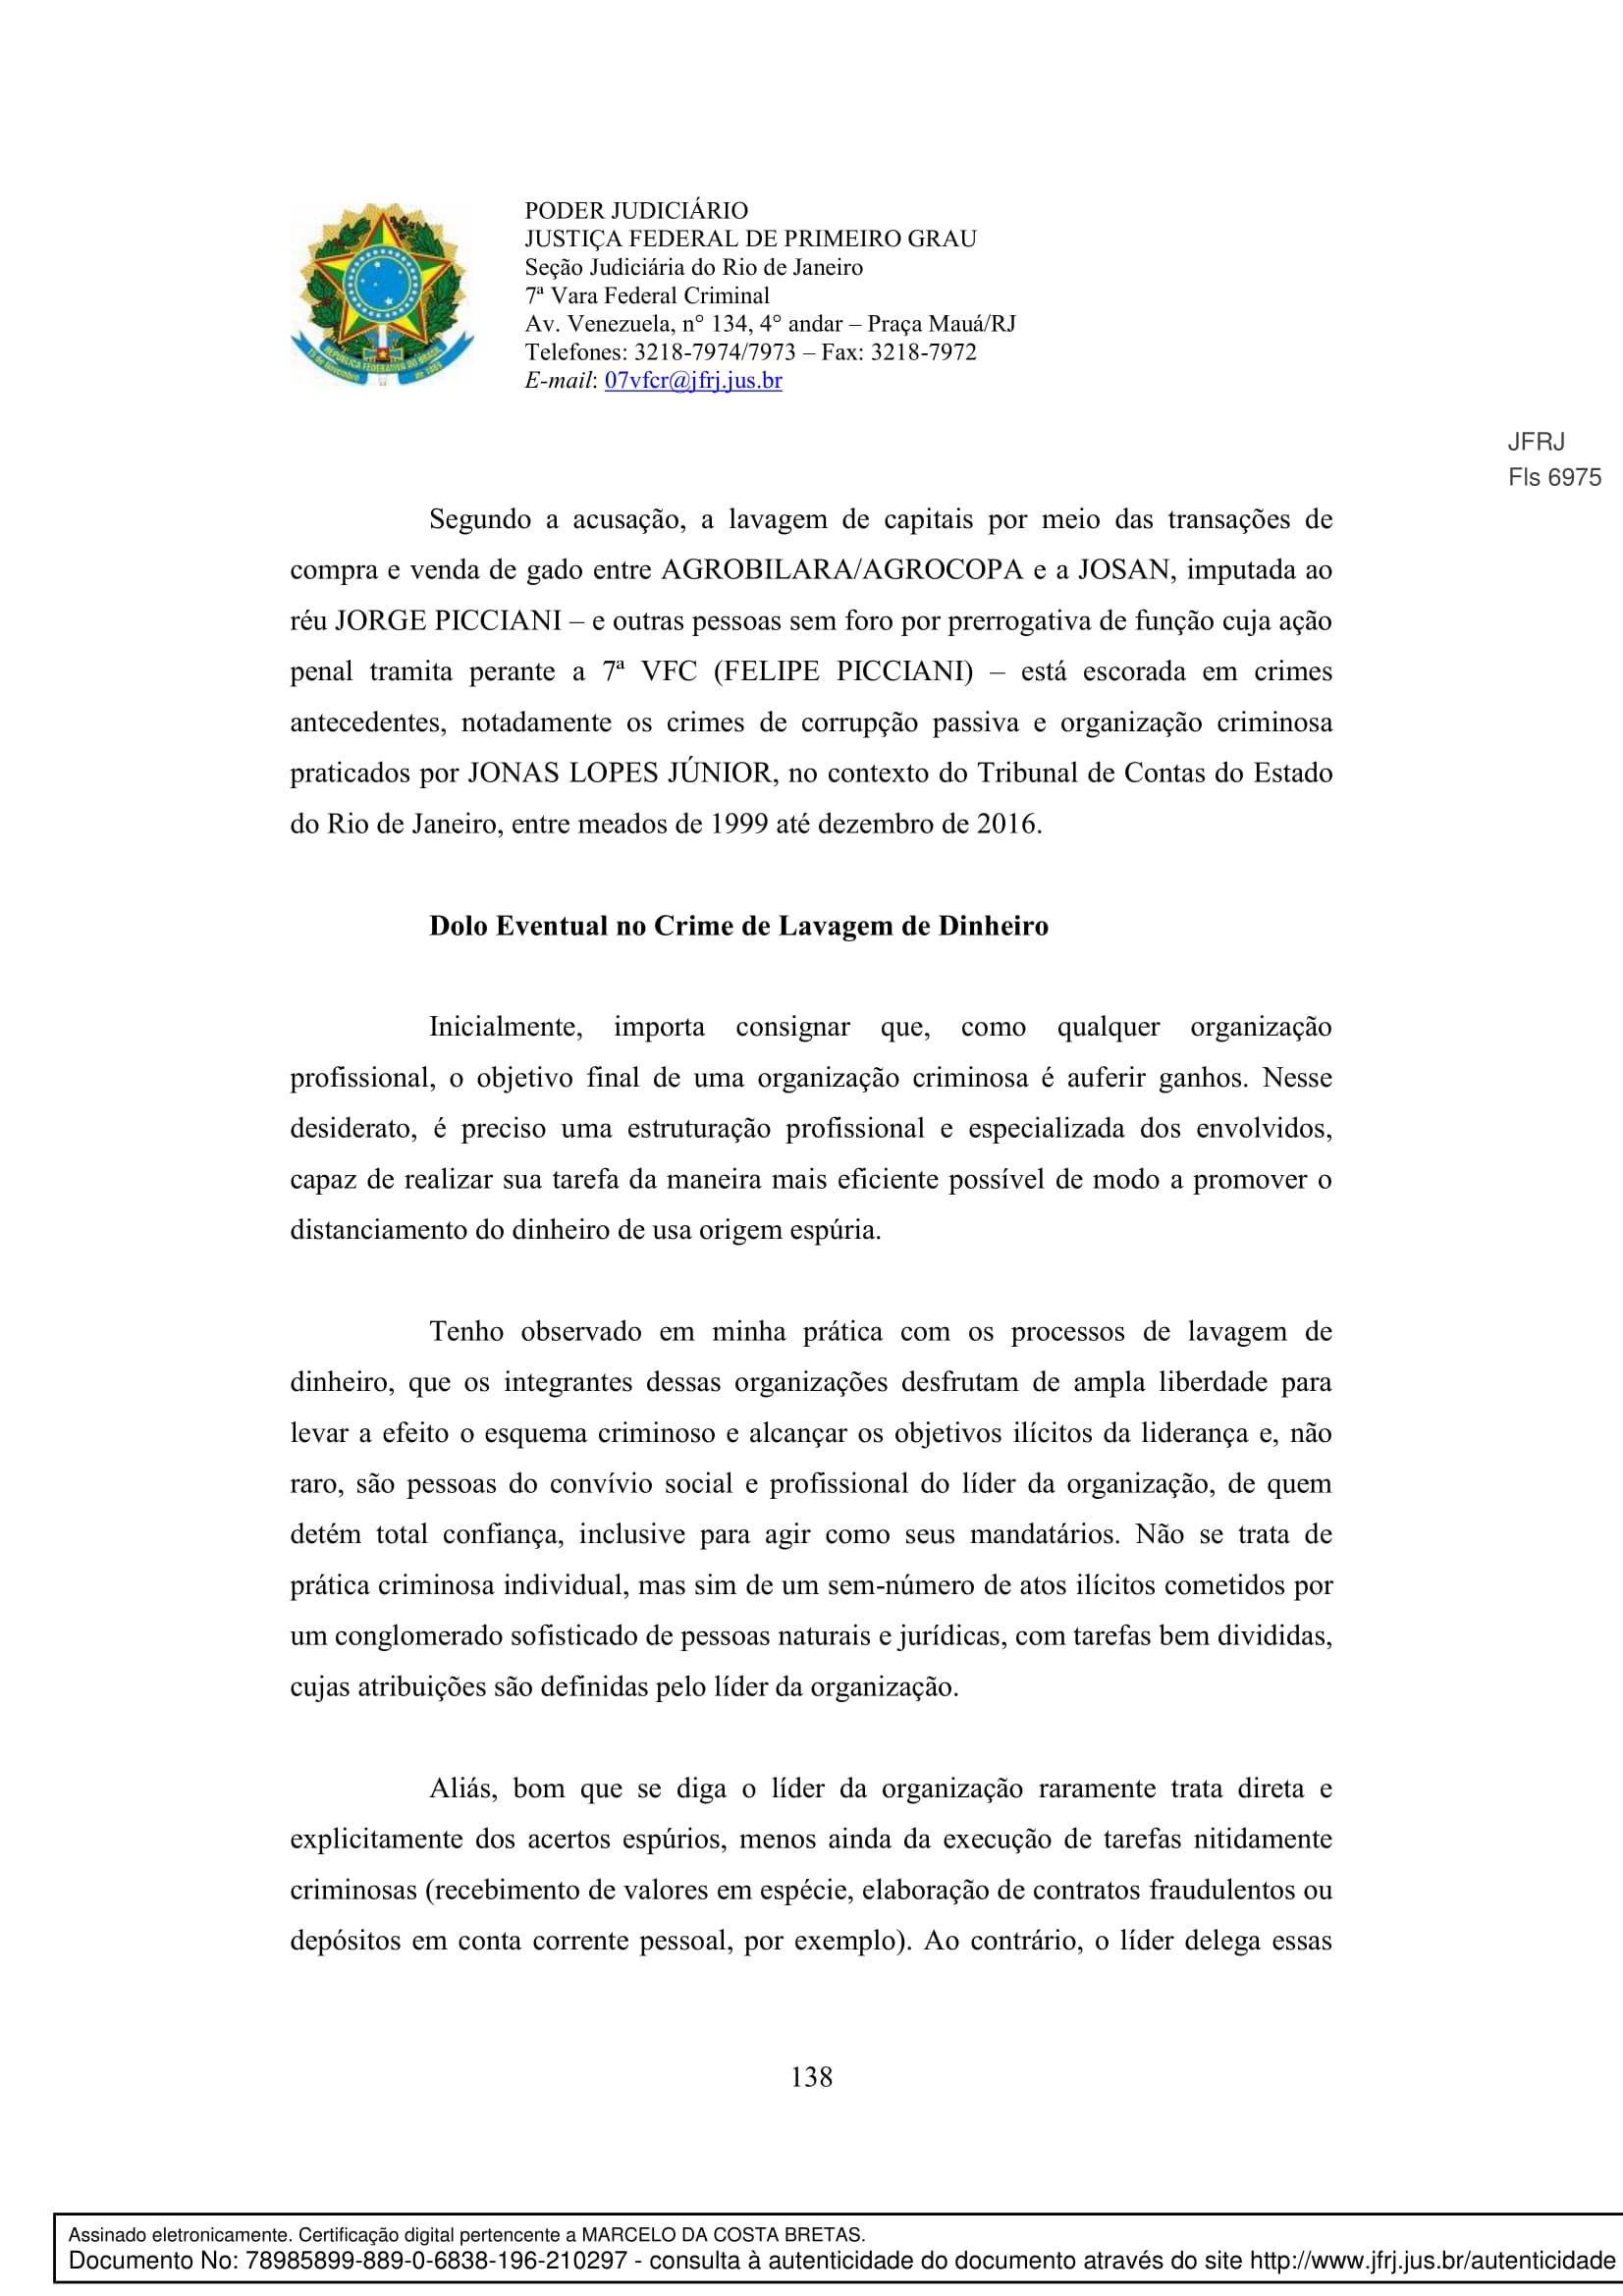 Sentenca-Cadeia-Velha-7VFC-138